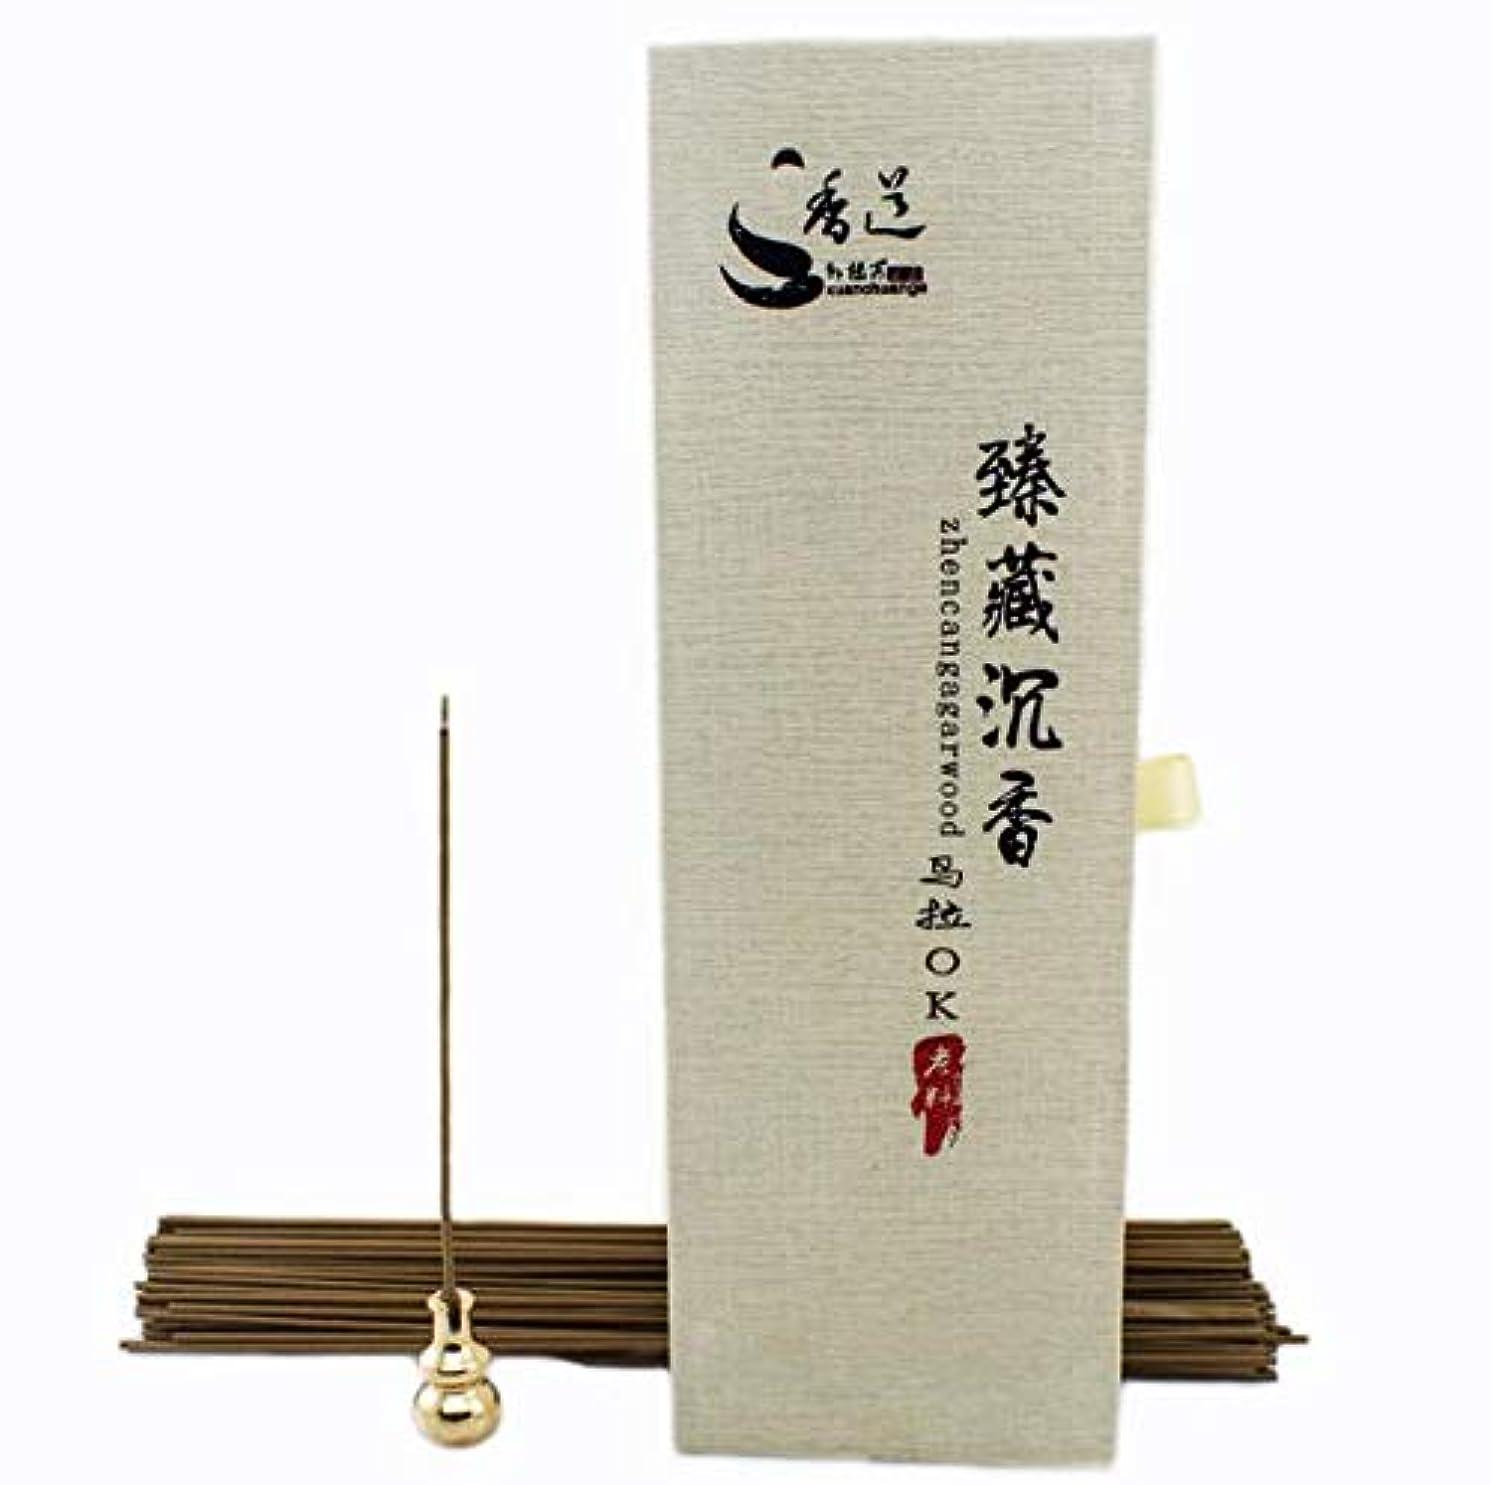 漂流ビバ霊お香のサポート、銅の香バーナー、風水の装飾、オフィステーブルのための中空牡丹レリーフ、ホームデコ,Incense*2B